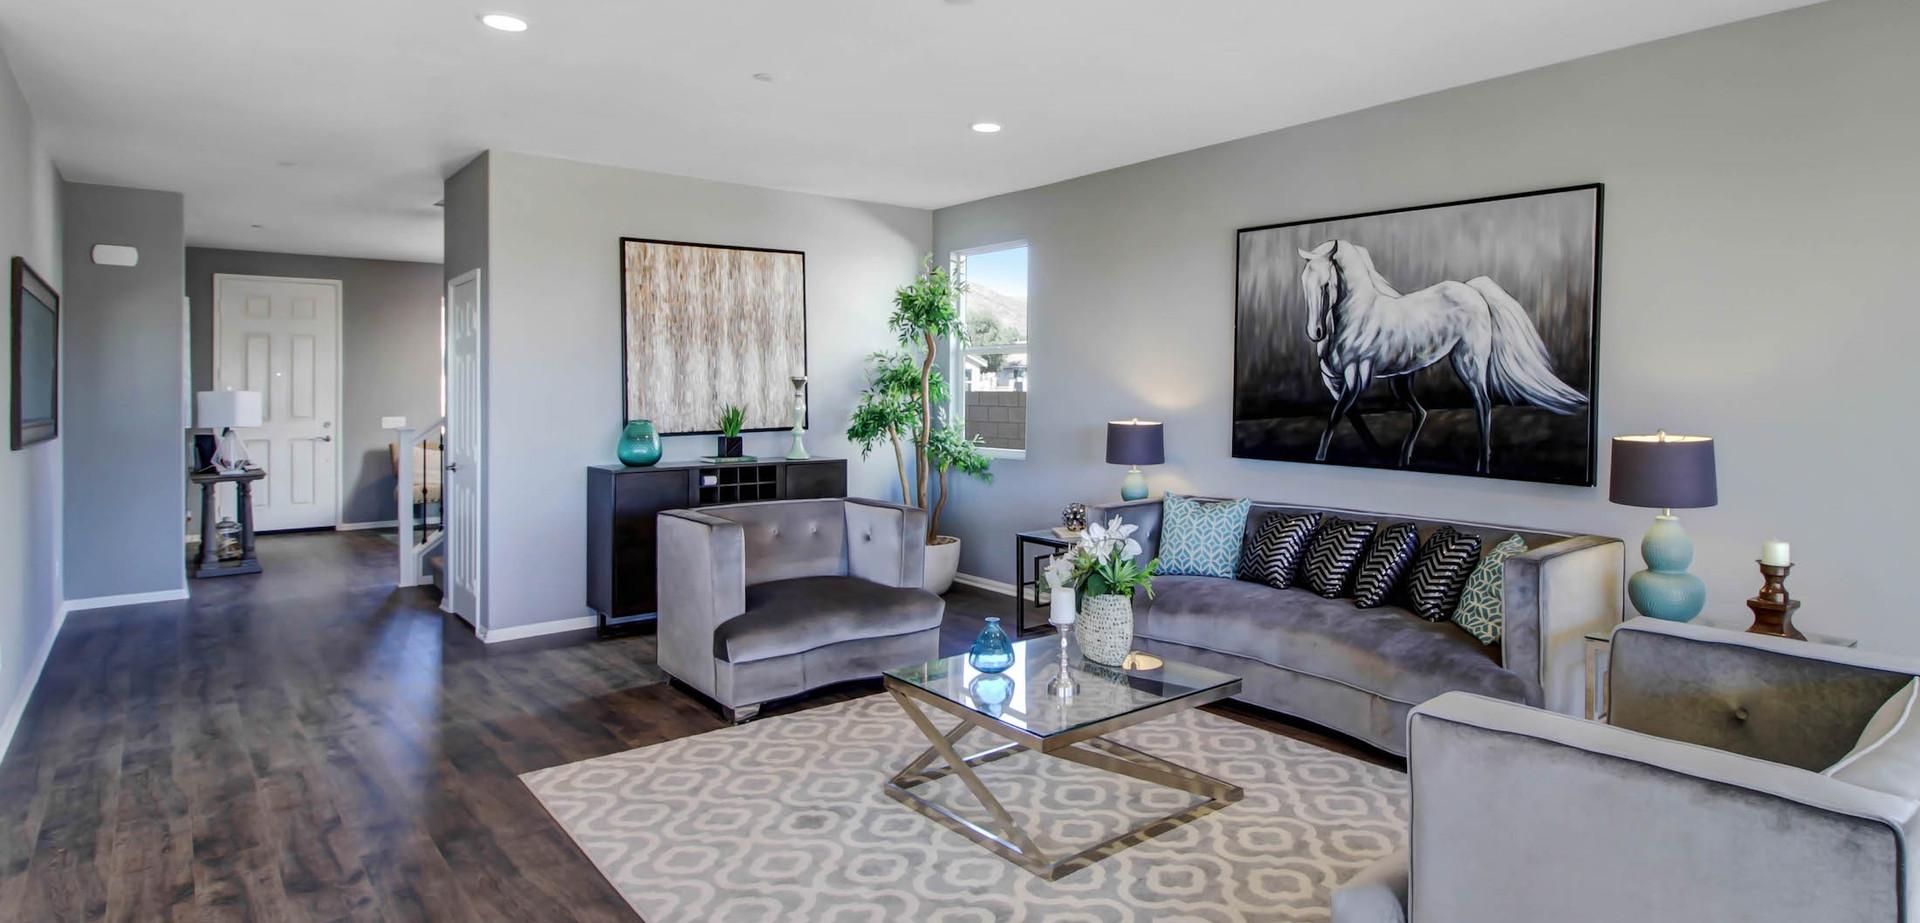 model-1 livingroom-4 2200x1500.jpg